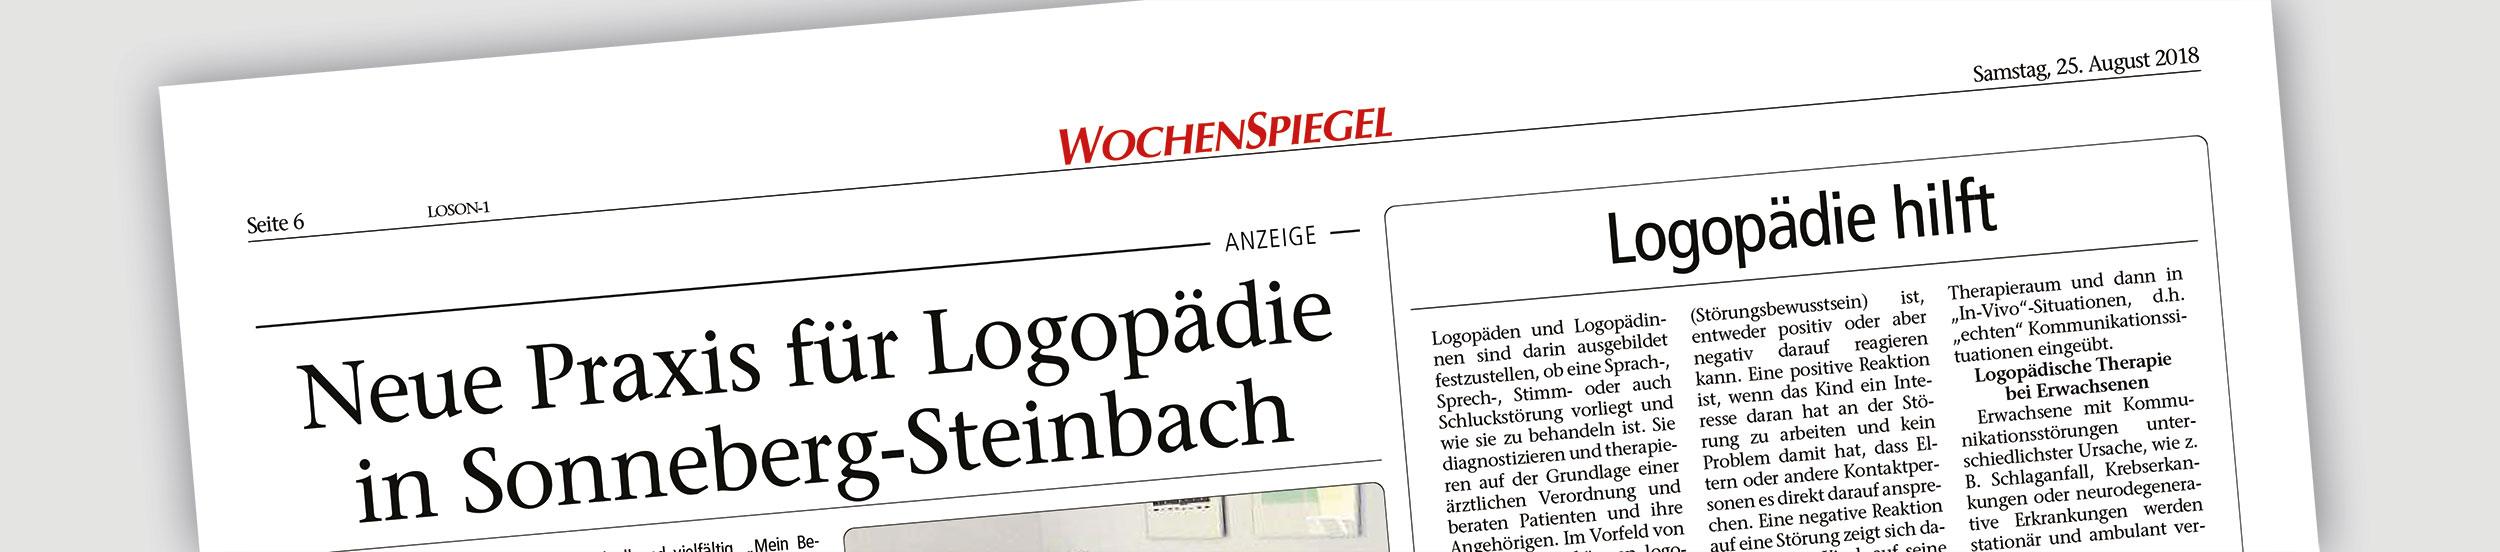 Neue Praxis für Logopädie in Sonneberg Steinbach - Wochenspiegel